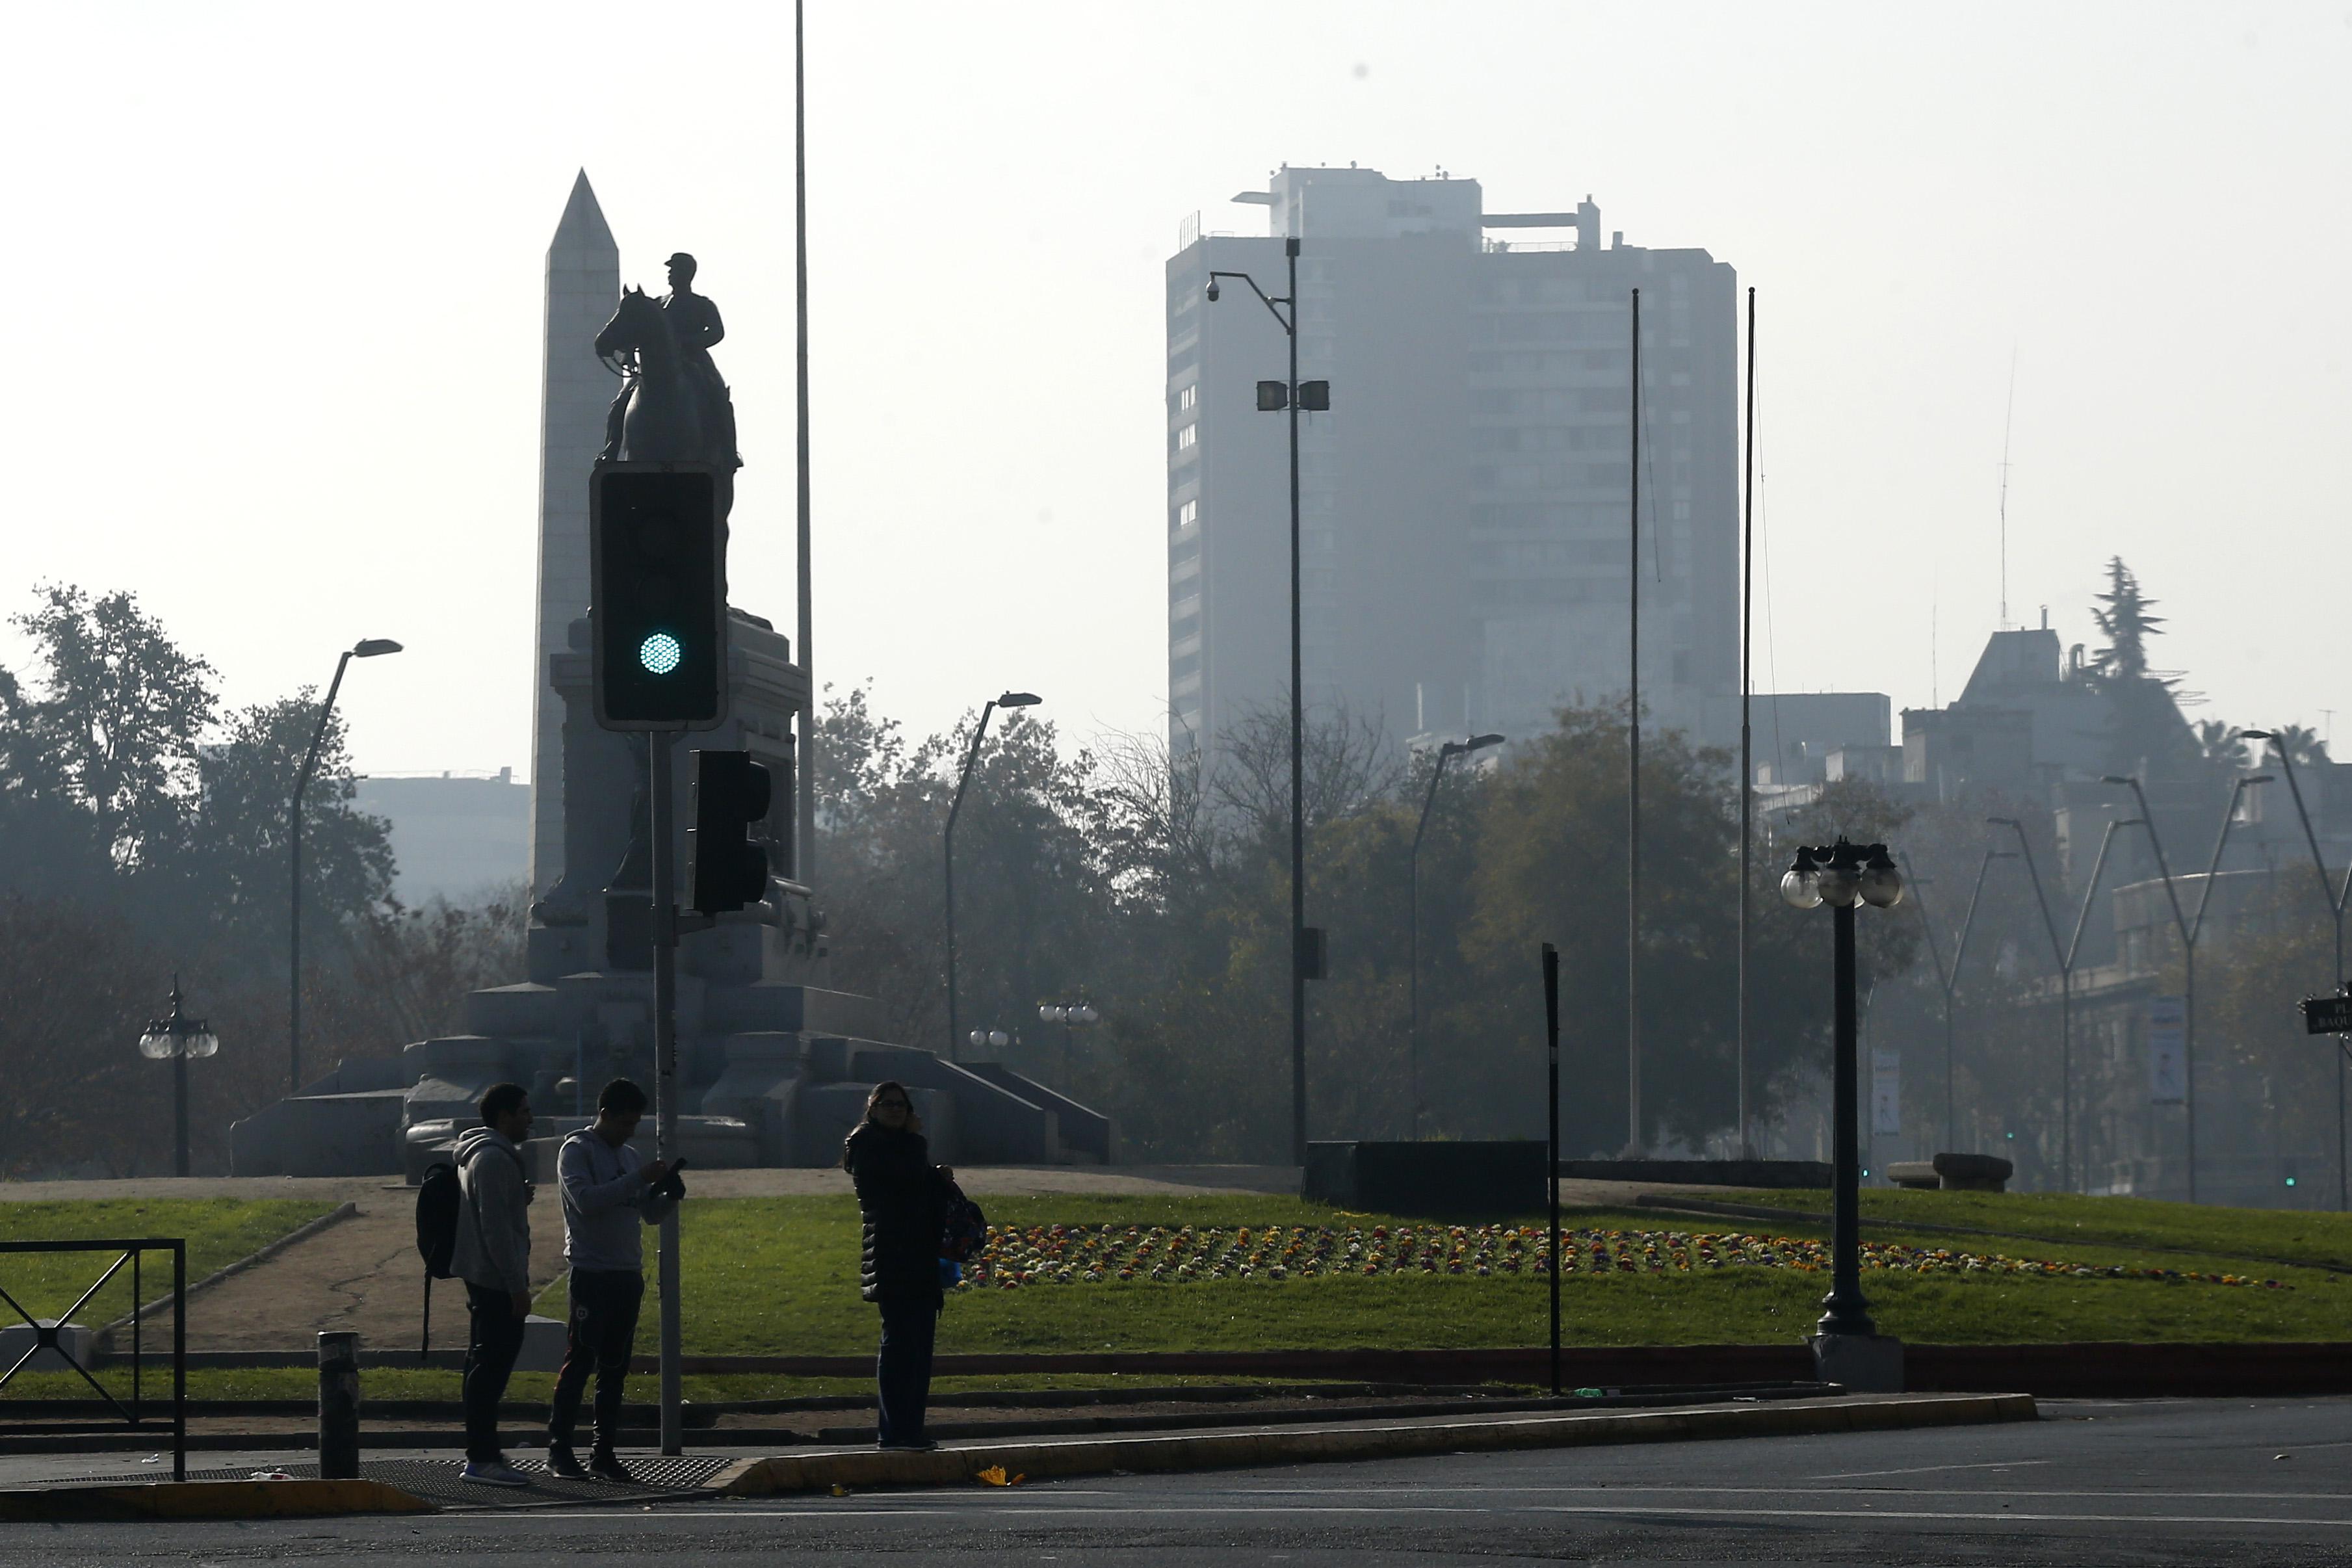 Sigue la alerta ambiental en la Región Metropolitana por mala ventilación